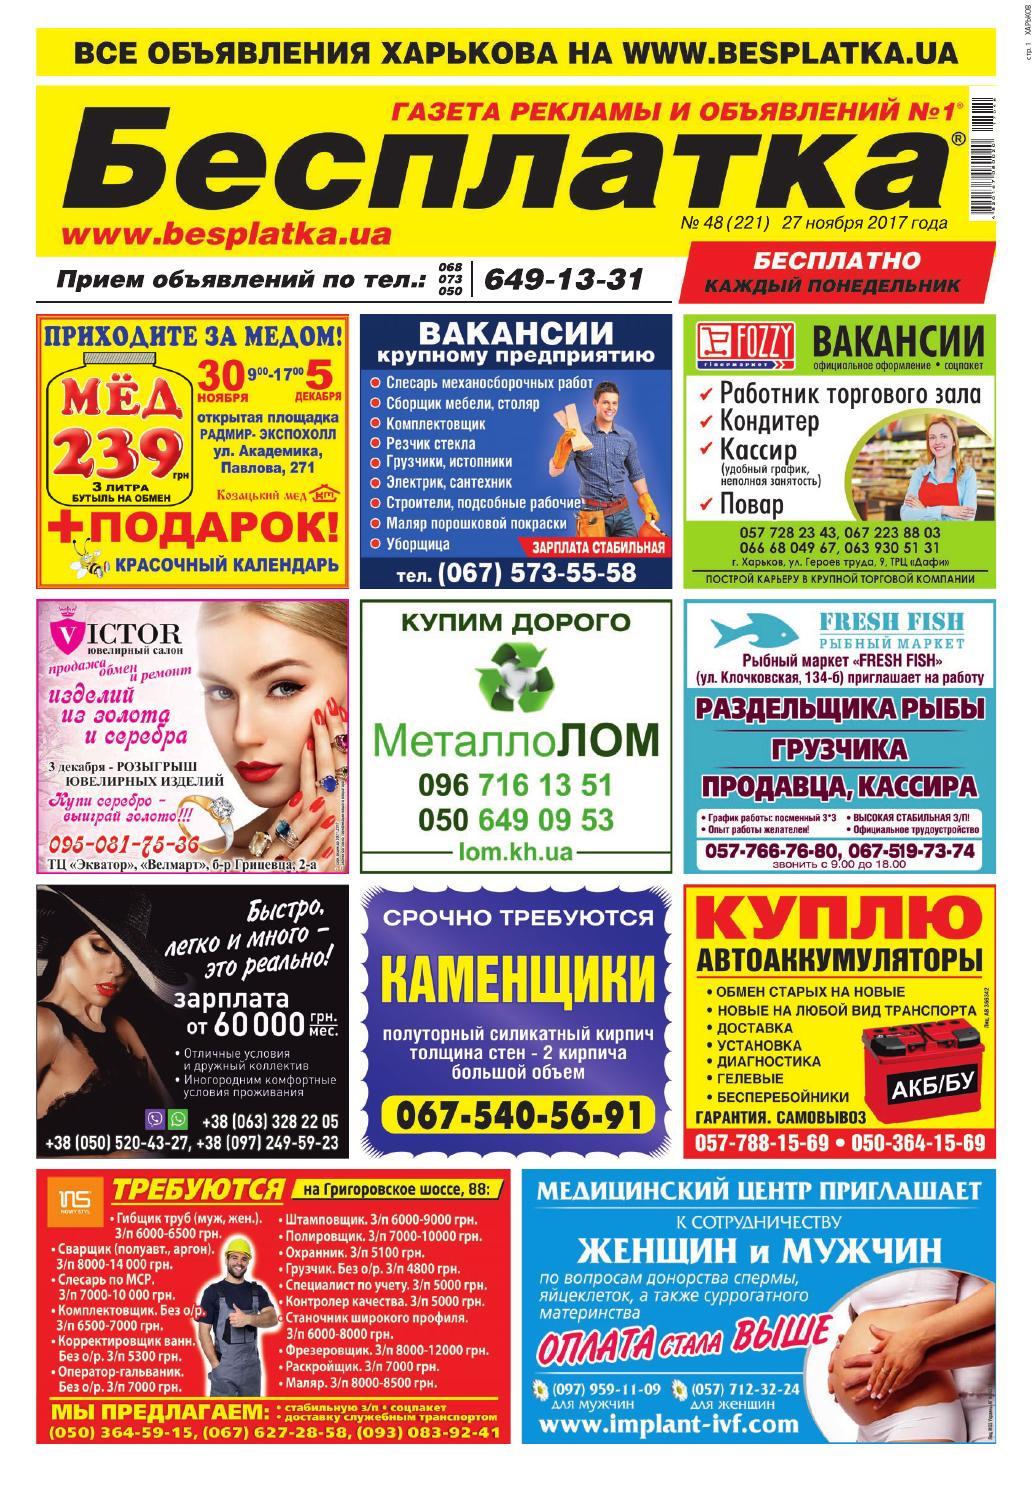 33ca7c4e4fe0 Besplatka  48 Харьков by besplatka ukraine - issuu